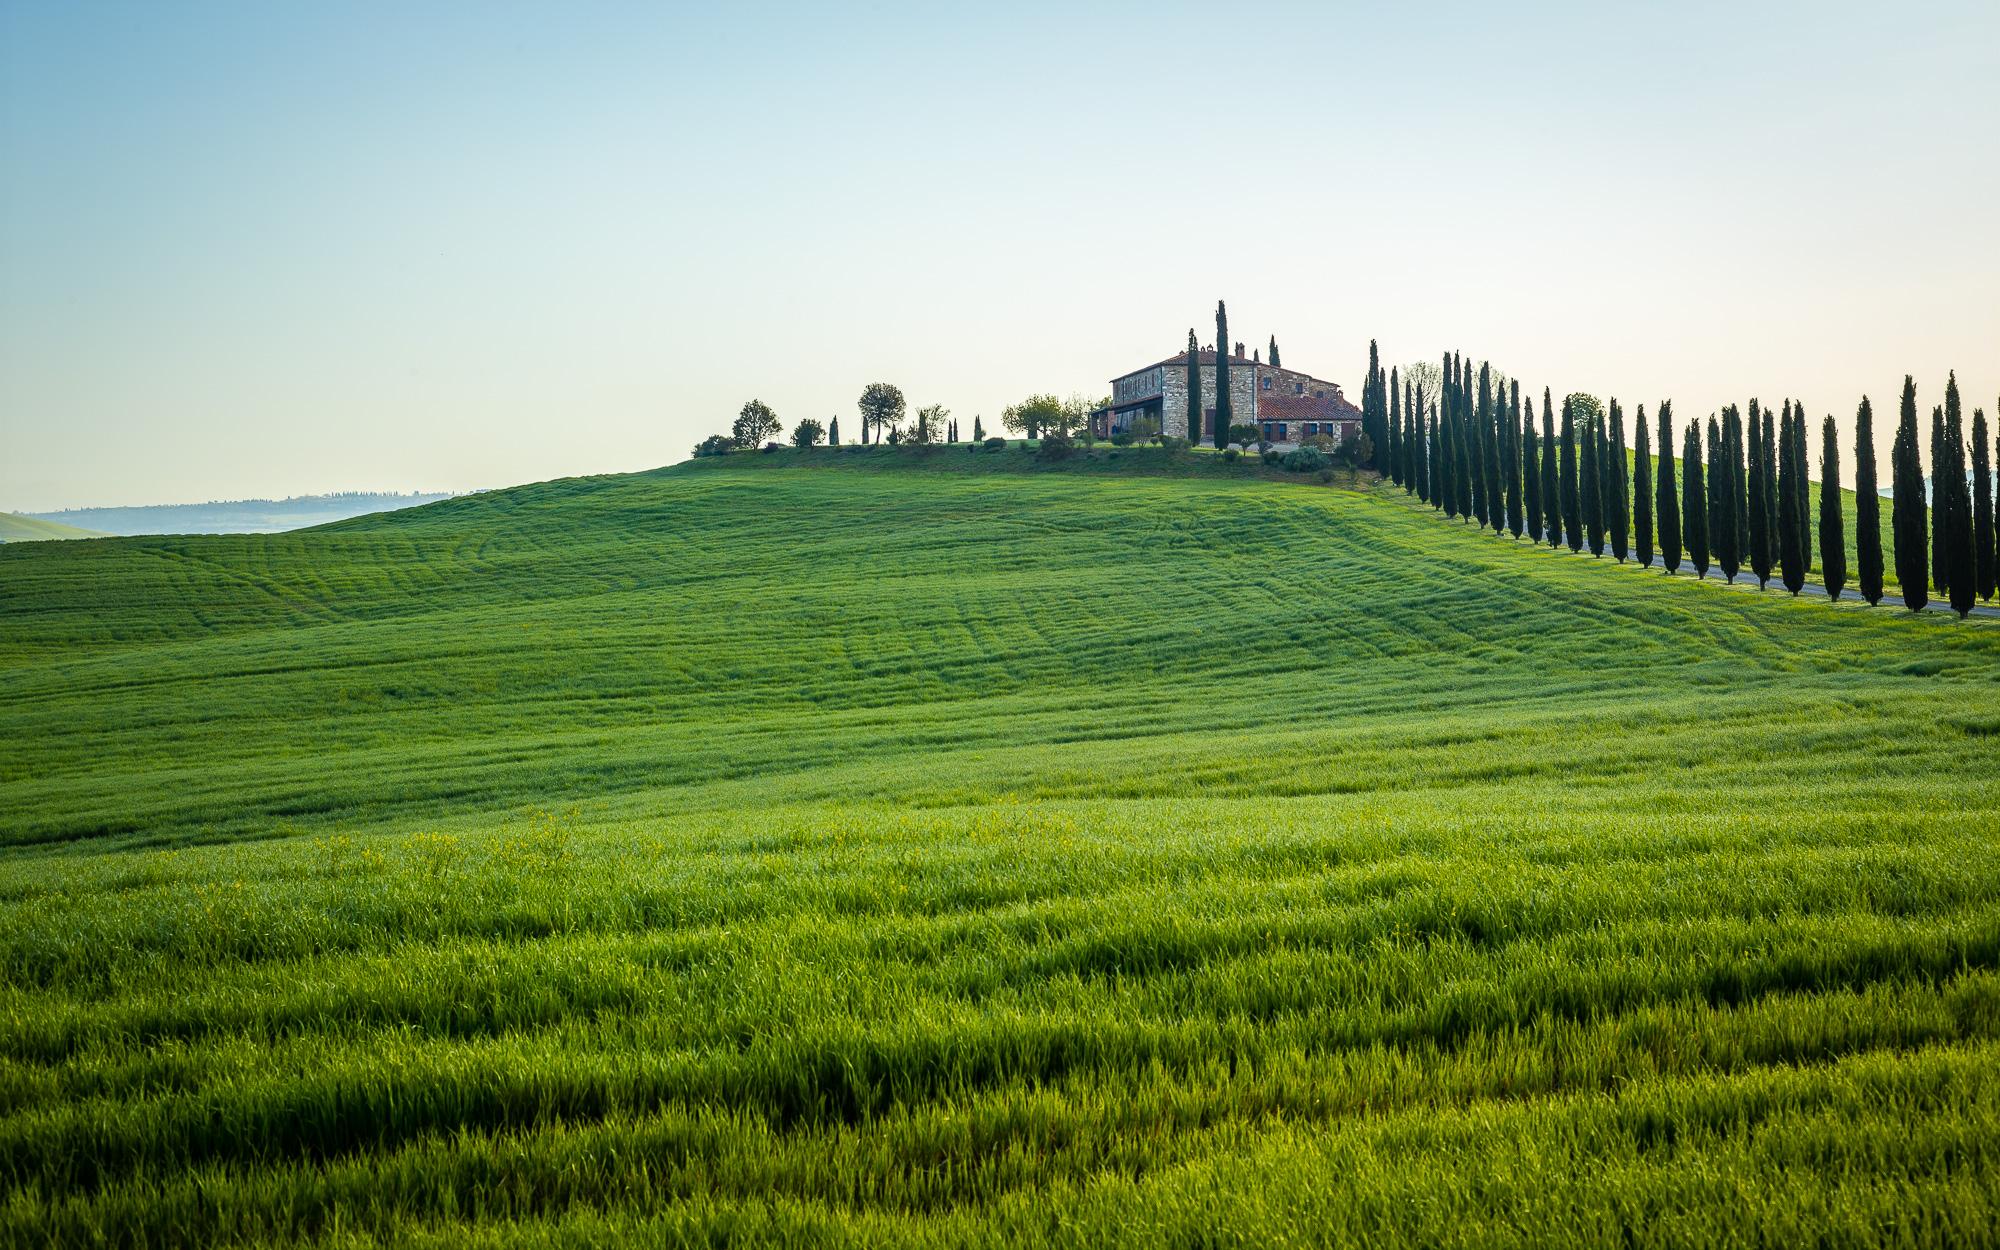 tuscany-1-2